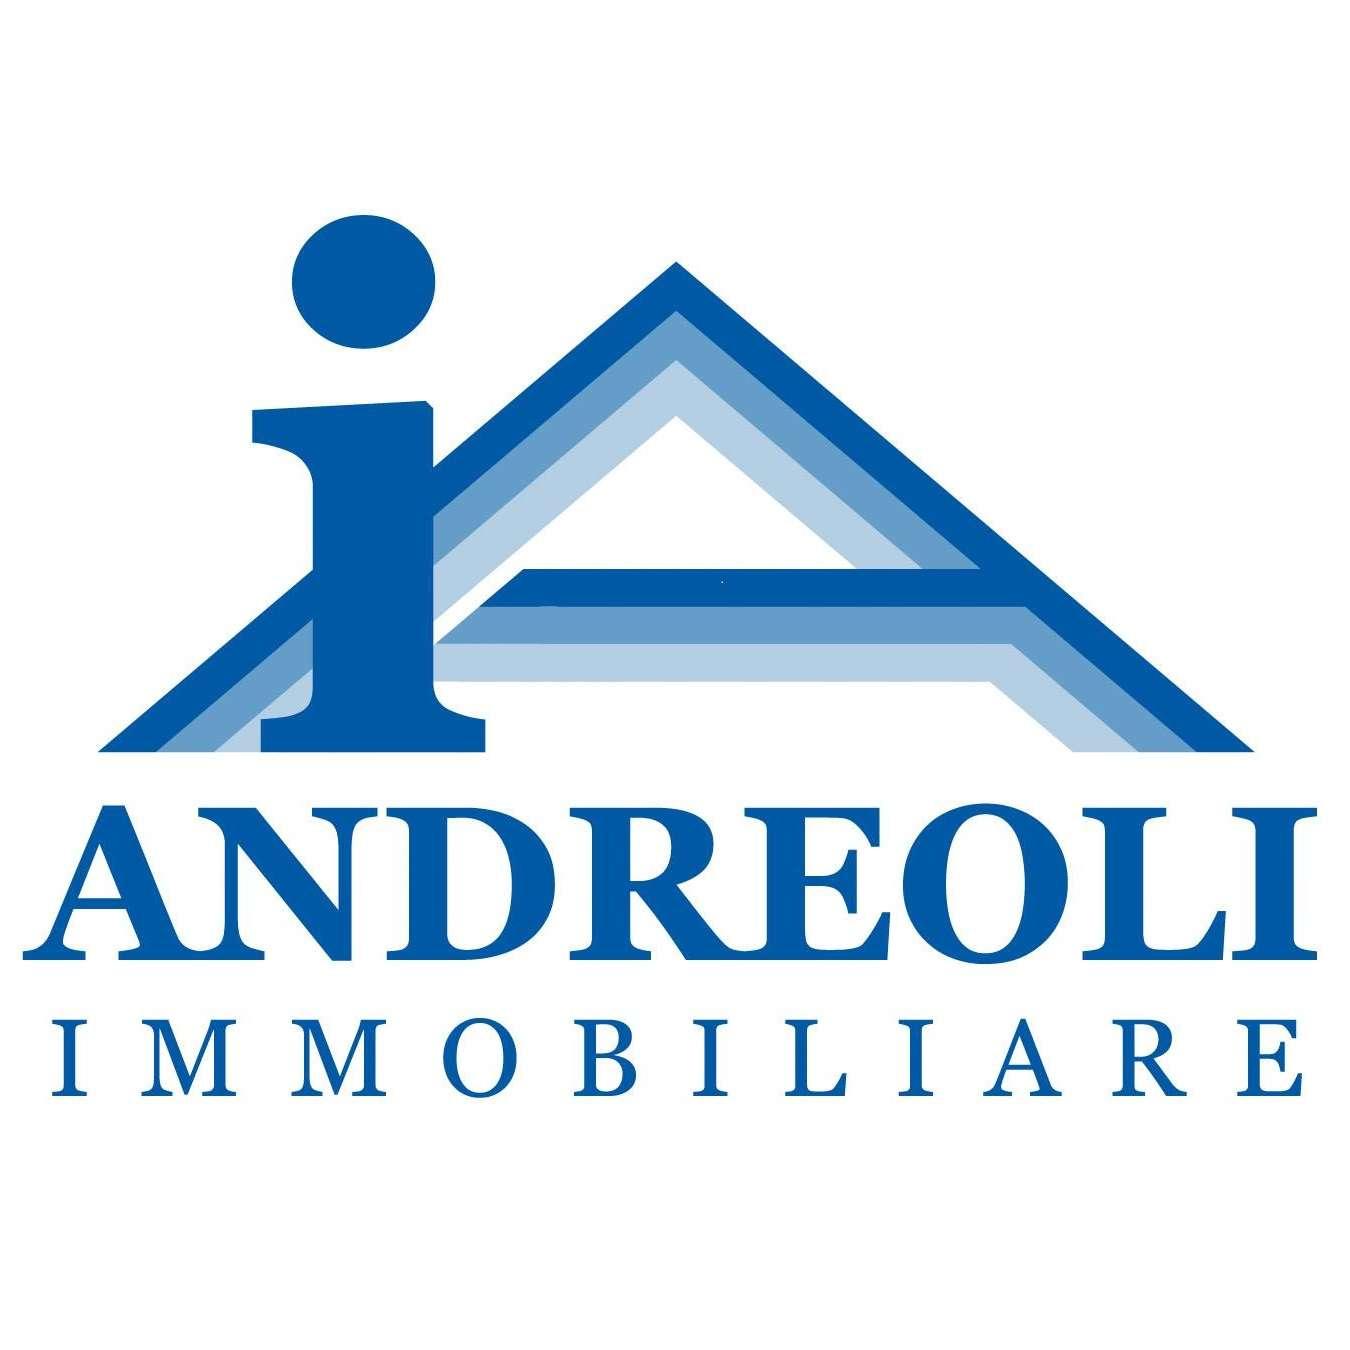 Andreoli Tiziano Francesco